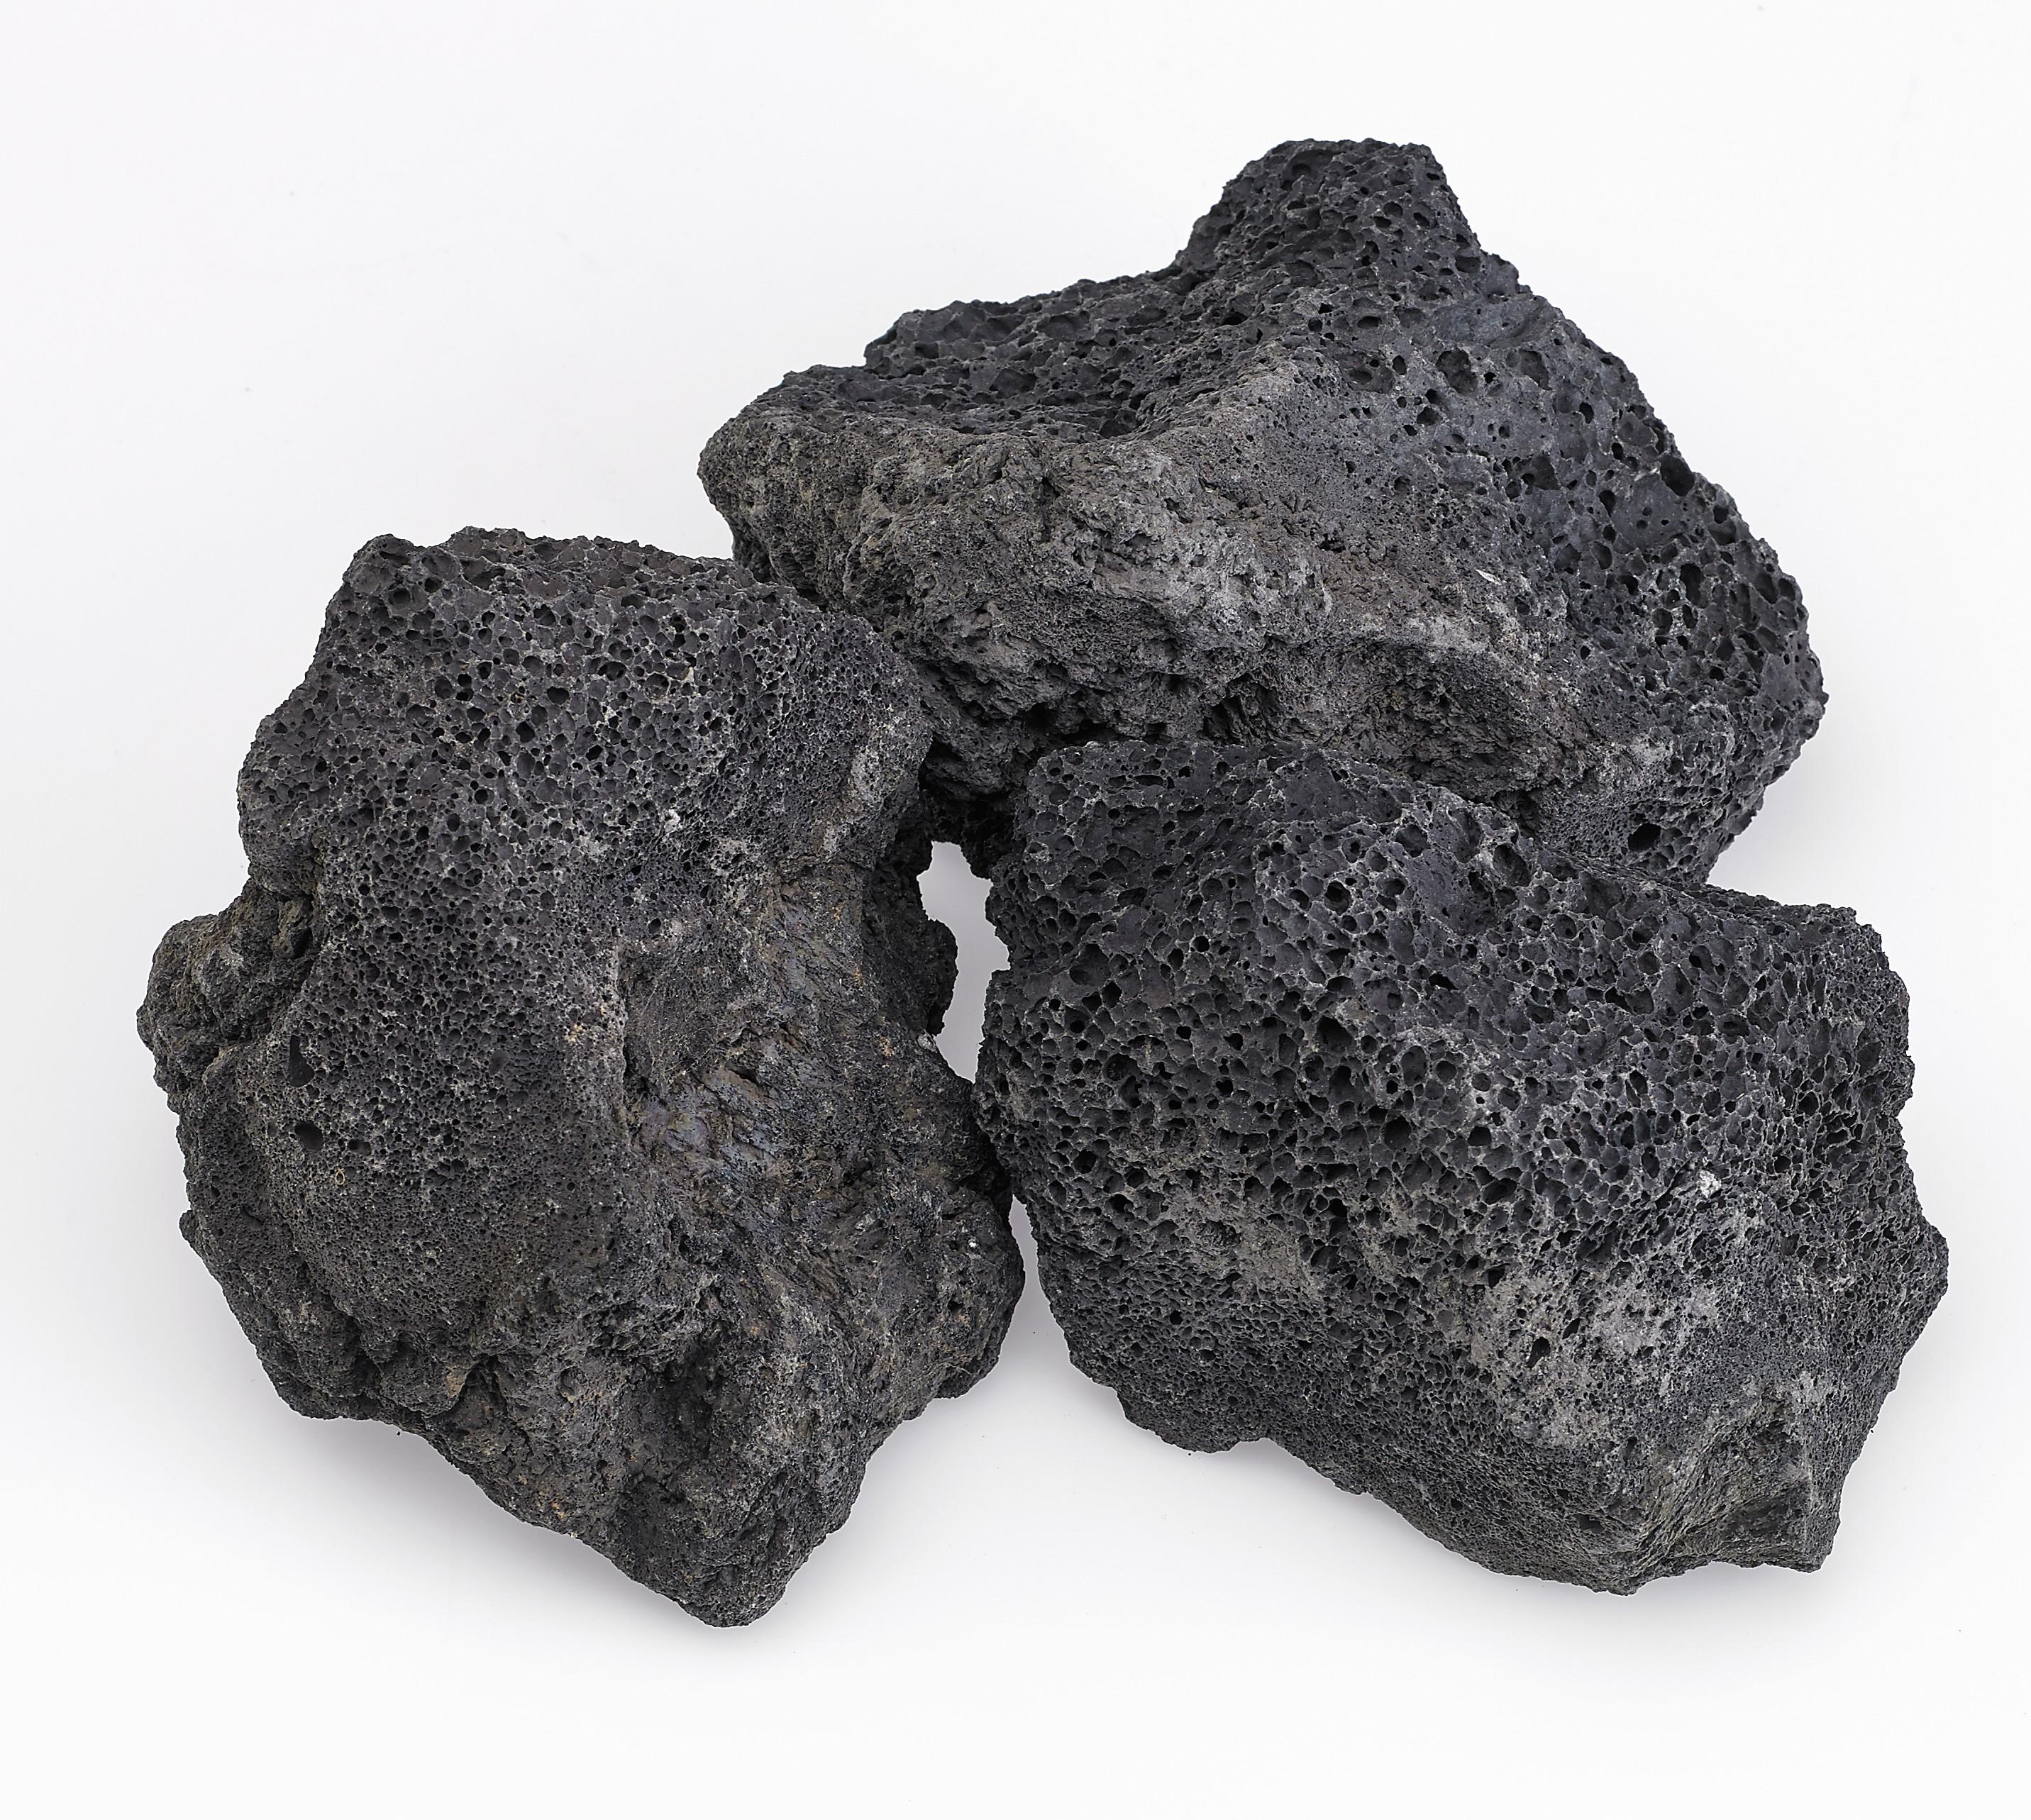 XXL Black Lava Rock